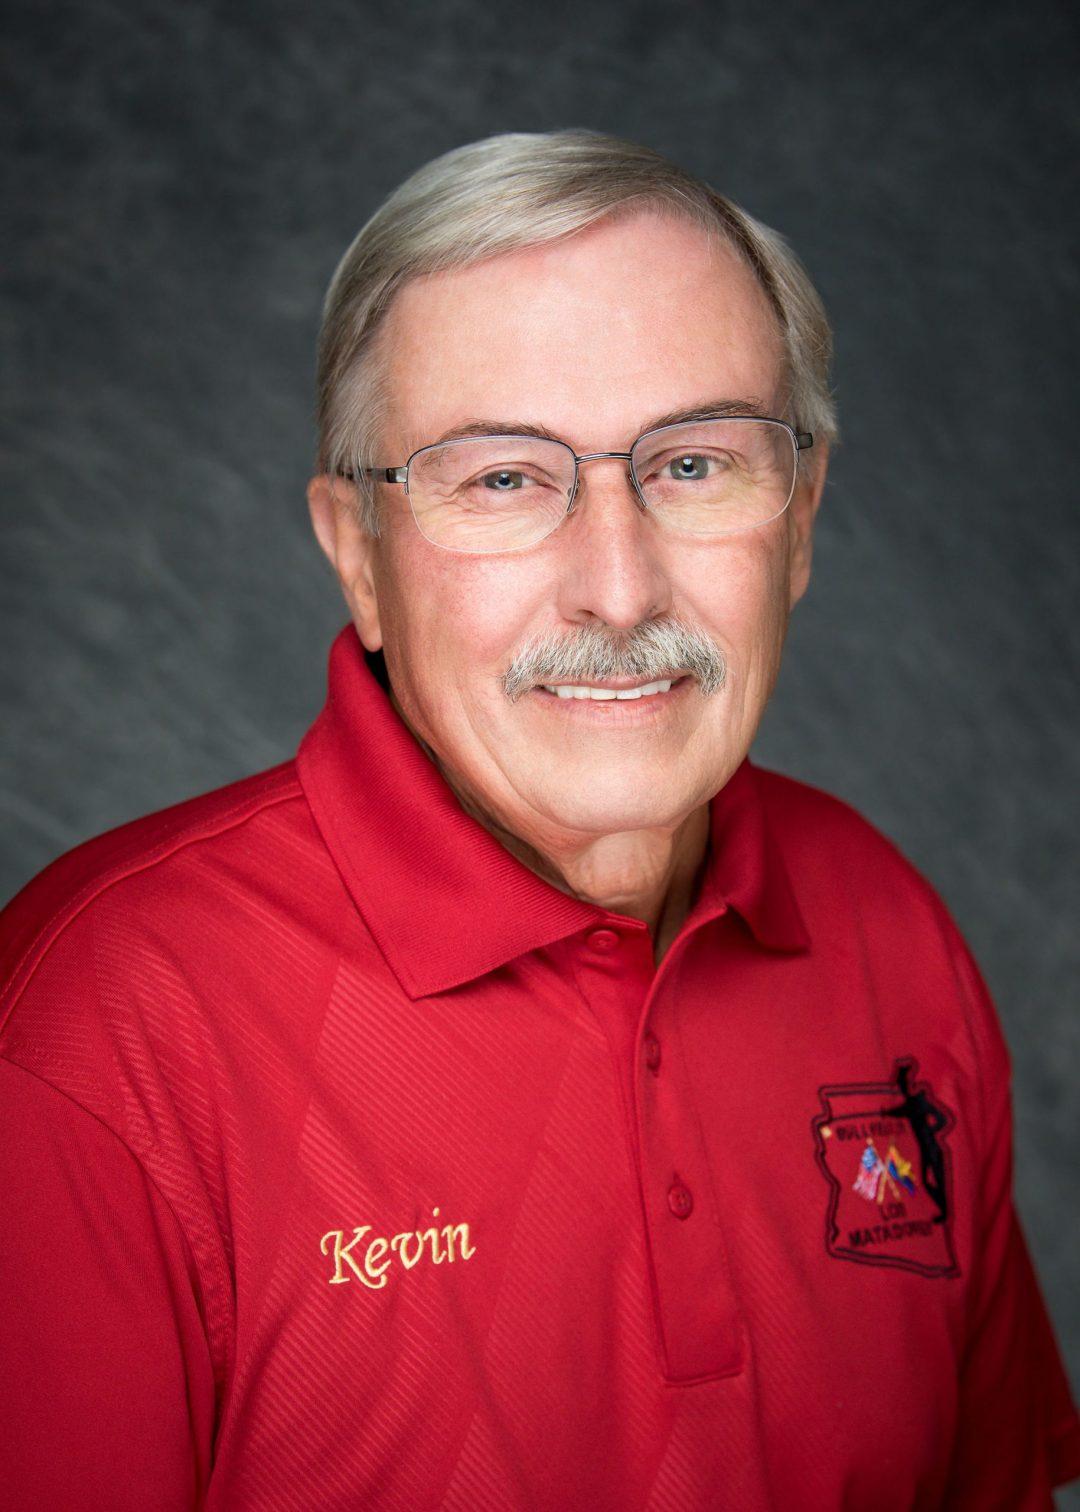 Kevin Nestrick